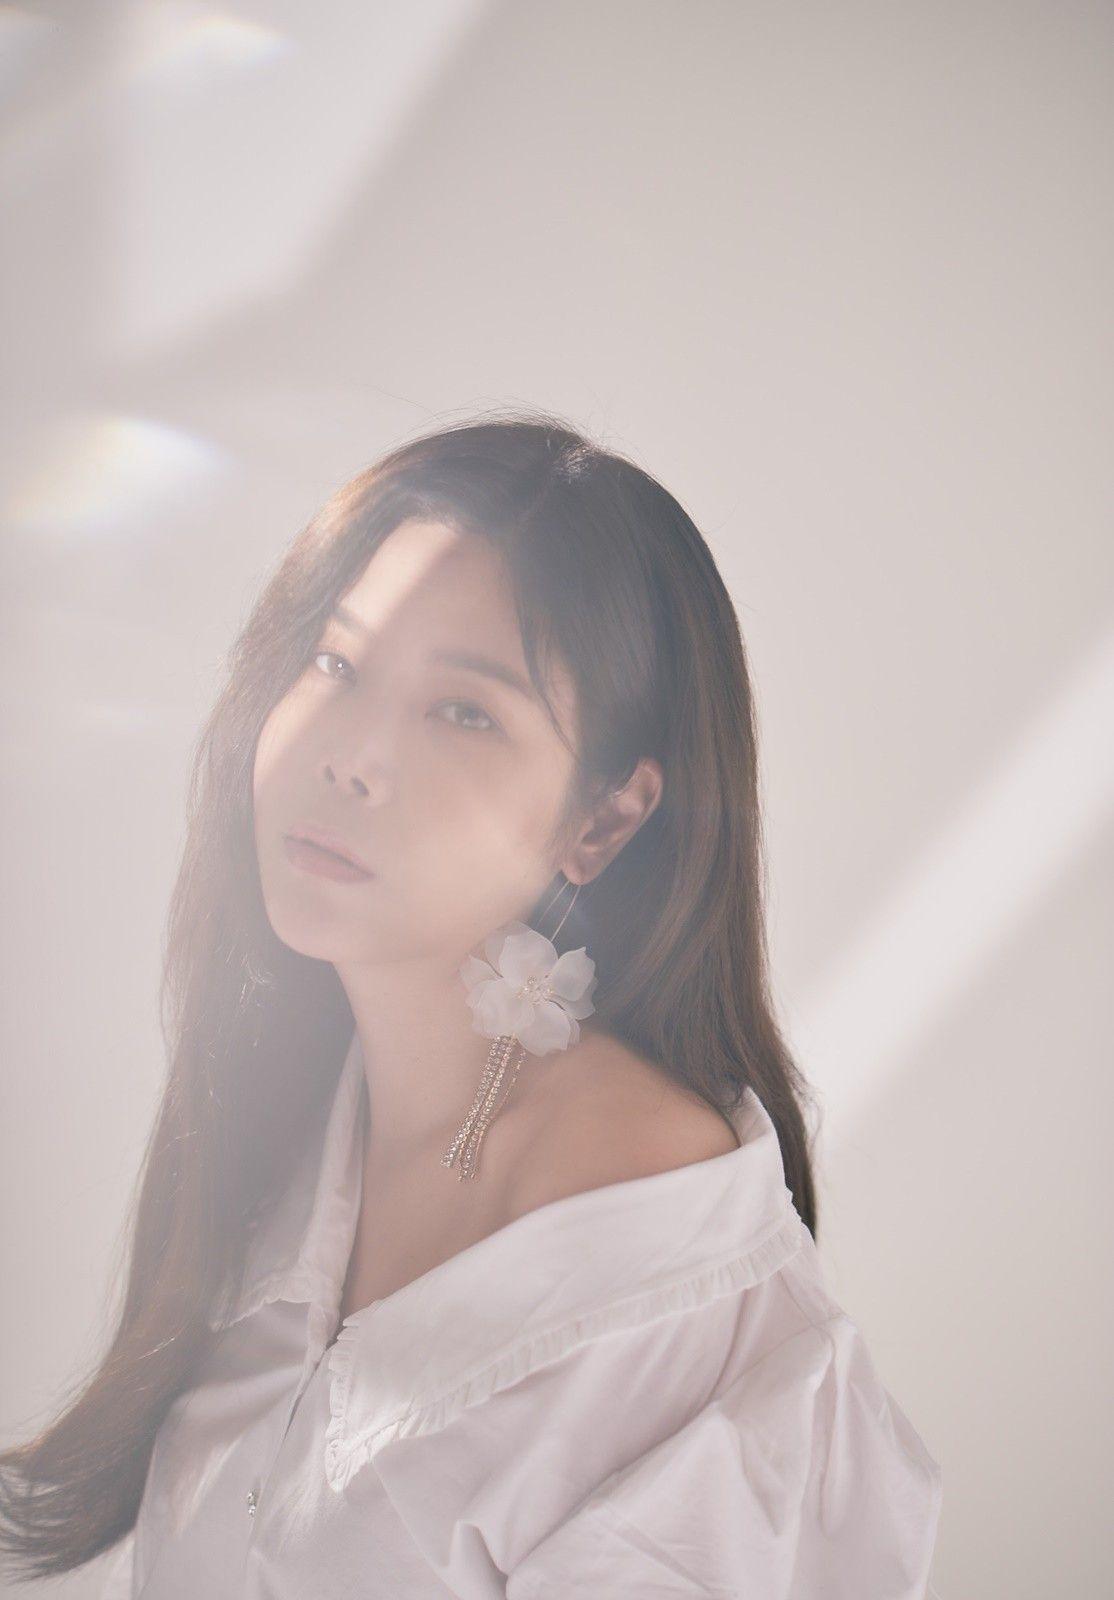 린, '유희열의 스케치북' 10주년 프로젝트 2주 연속 출격